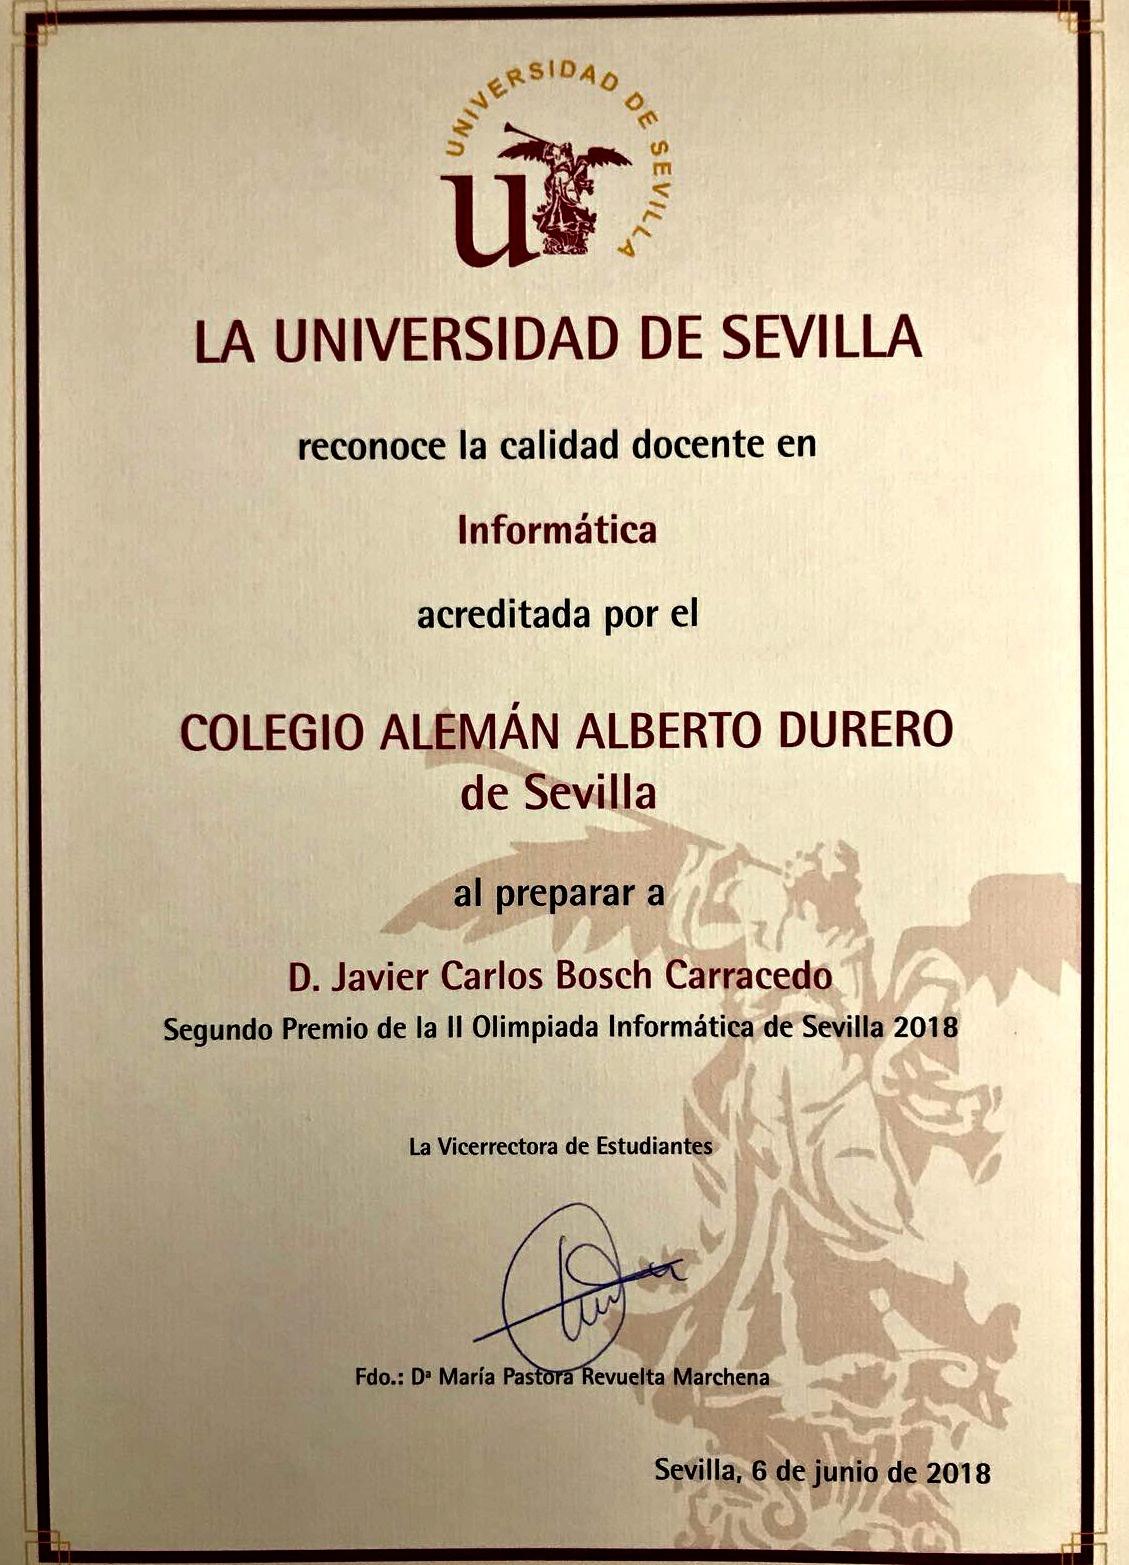 RECONOCIMIENTO DE LA UNIVERSIDAD DE SEVILLA AL COLEGIO ALEMÁN ALBERTO DURERO